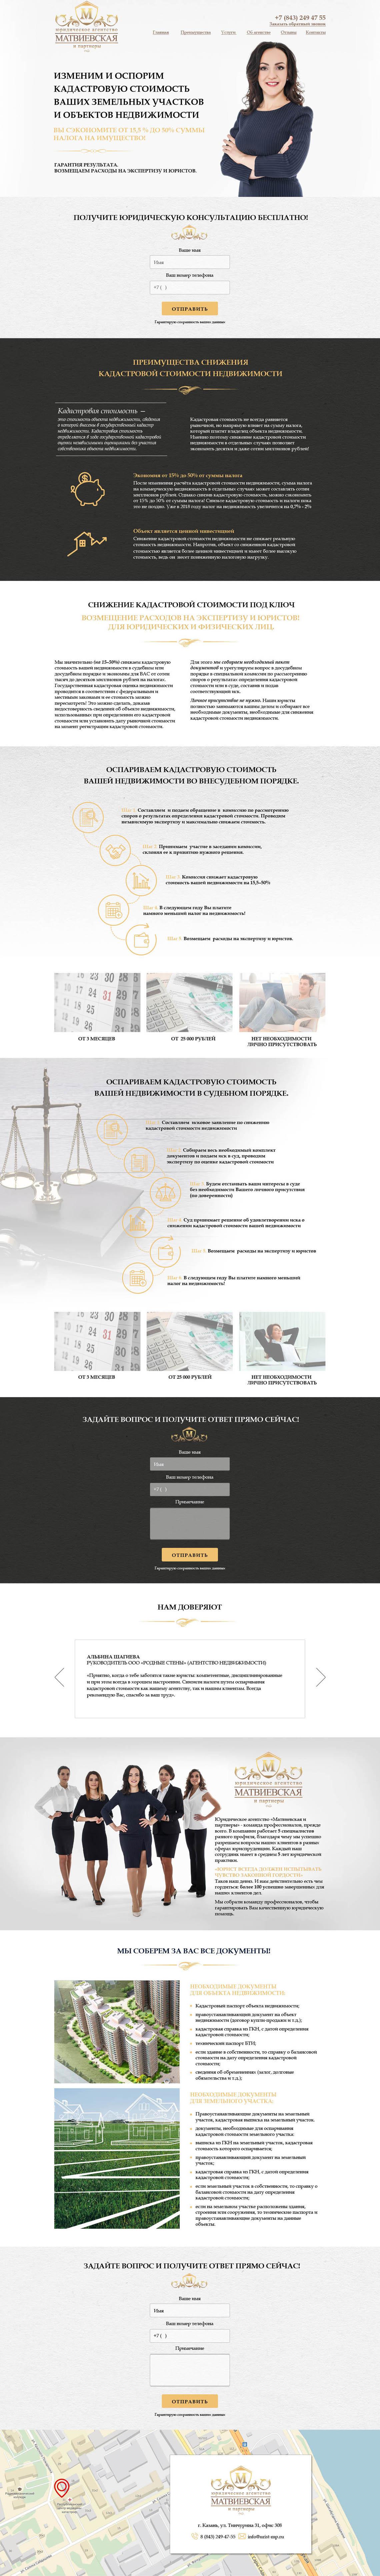 Лендинг пейдж юридической услуги